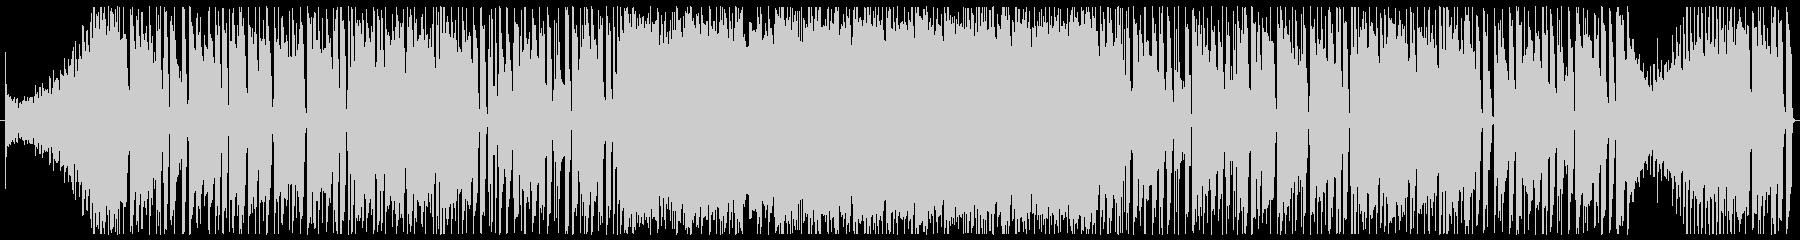 ワイルドなブルージーロックBGM 2分の未再生の波形